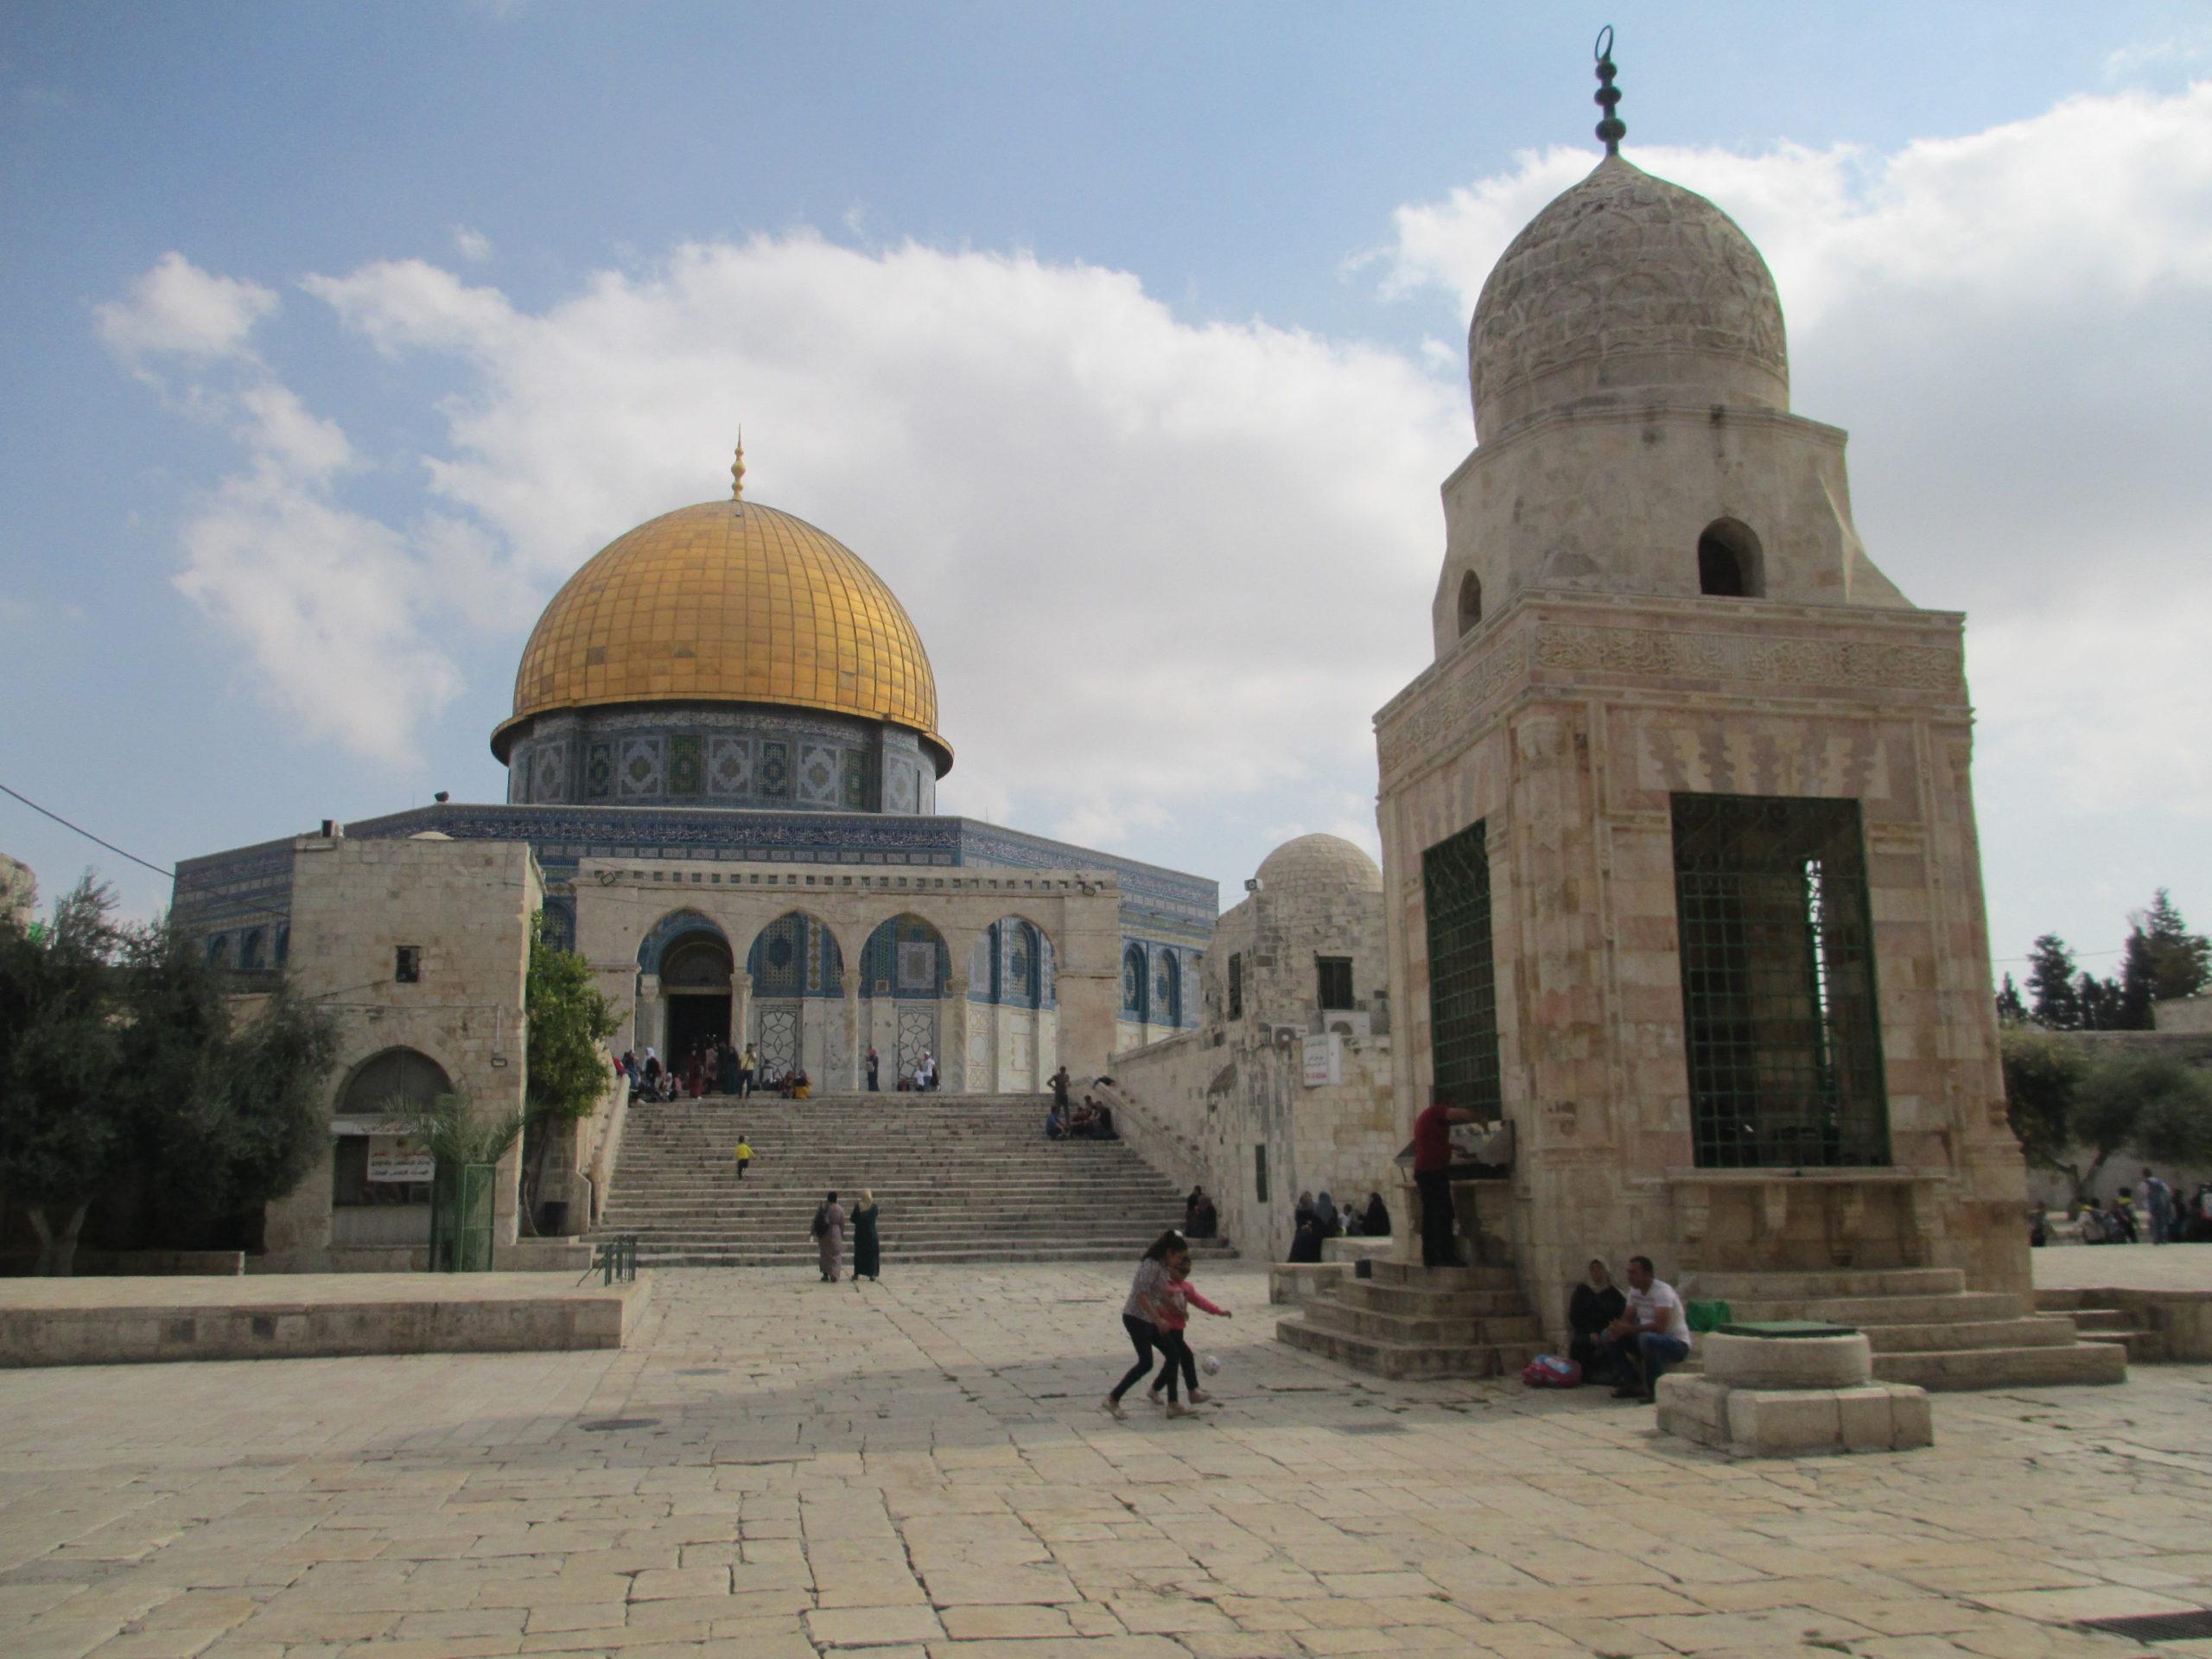 Jerusalem_-_Beka_-_Al-Aqsa_Mosque_Compound_15.JPG